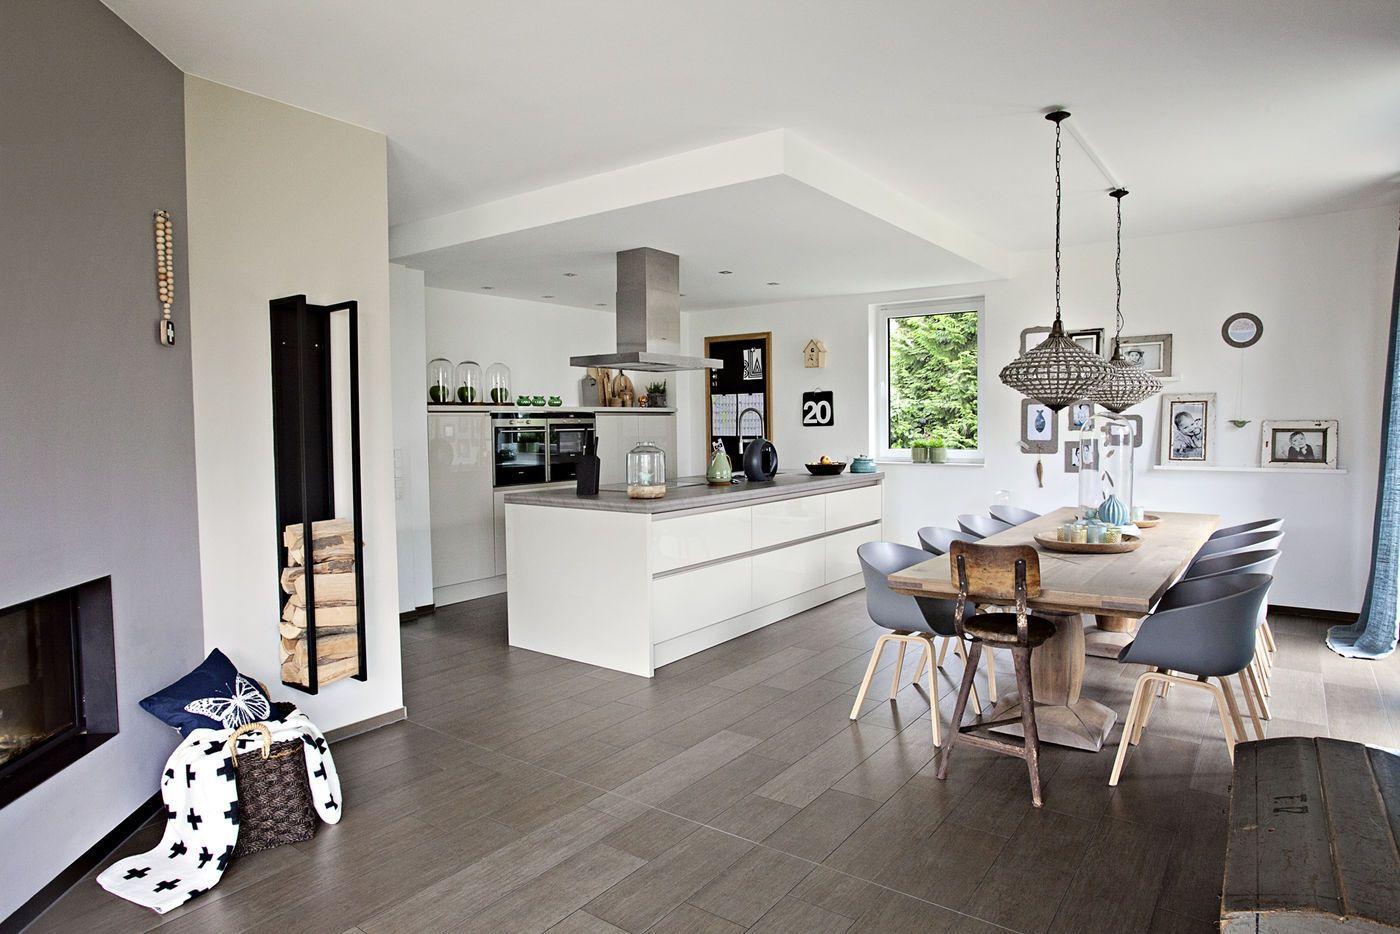 Offene Wohnküche 30 Qm Wohnzimmer Mit Küche